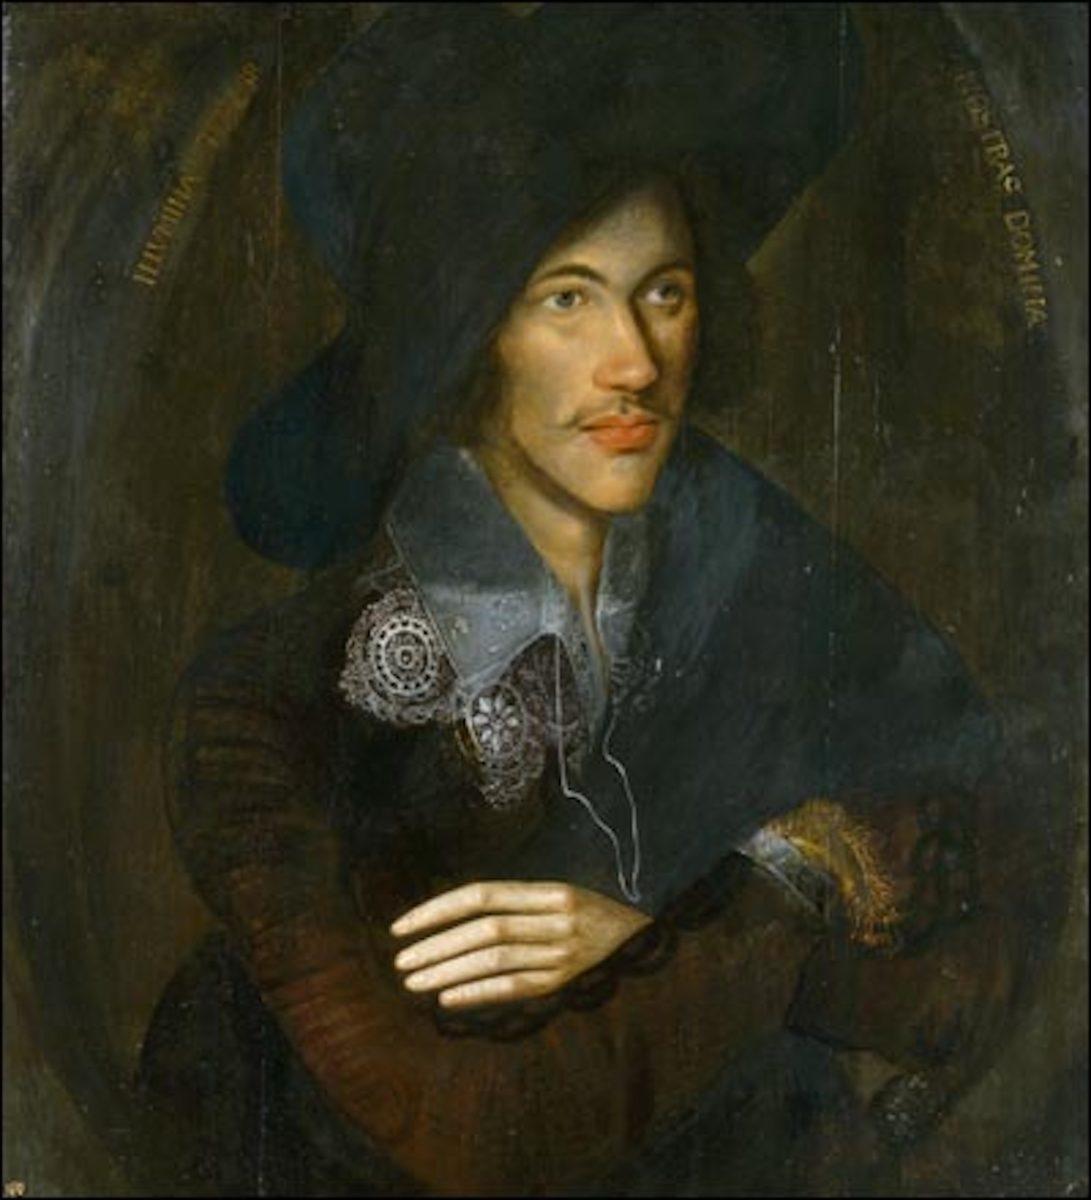 John Donne's Holy Sonnet XV